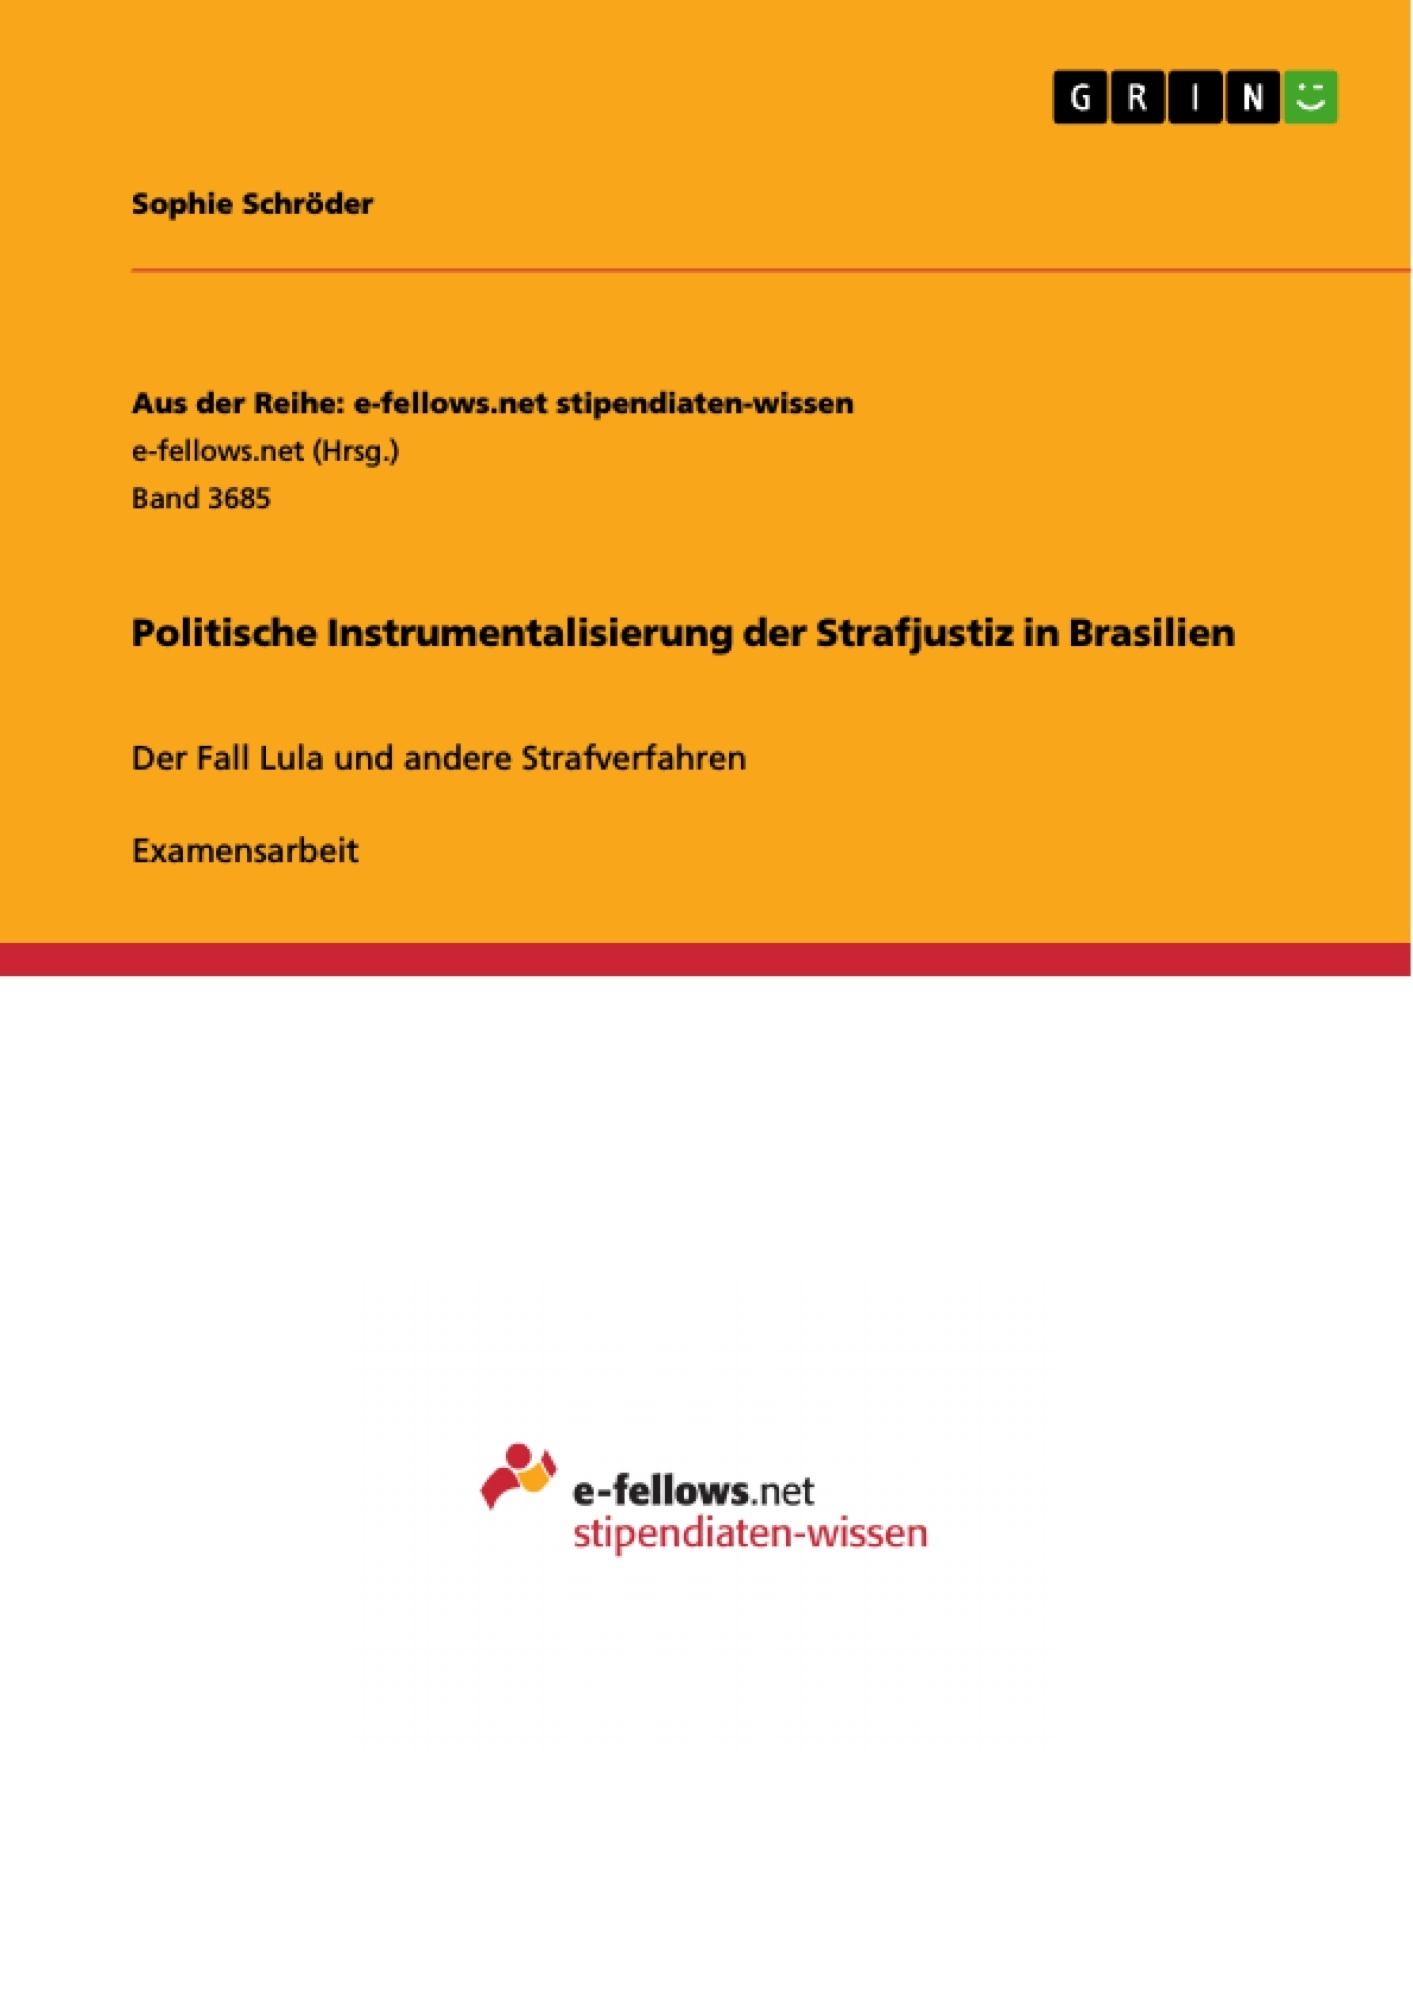 Titel: Politische Instrumentalisierung der Strafjustiz in Brasilien